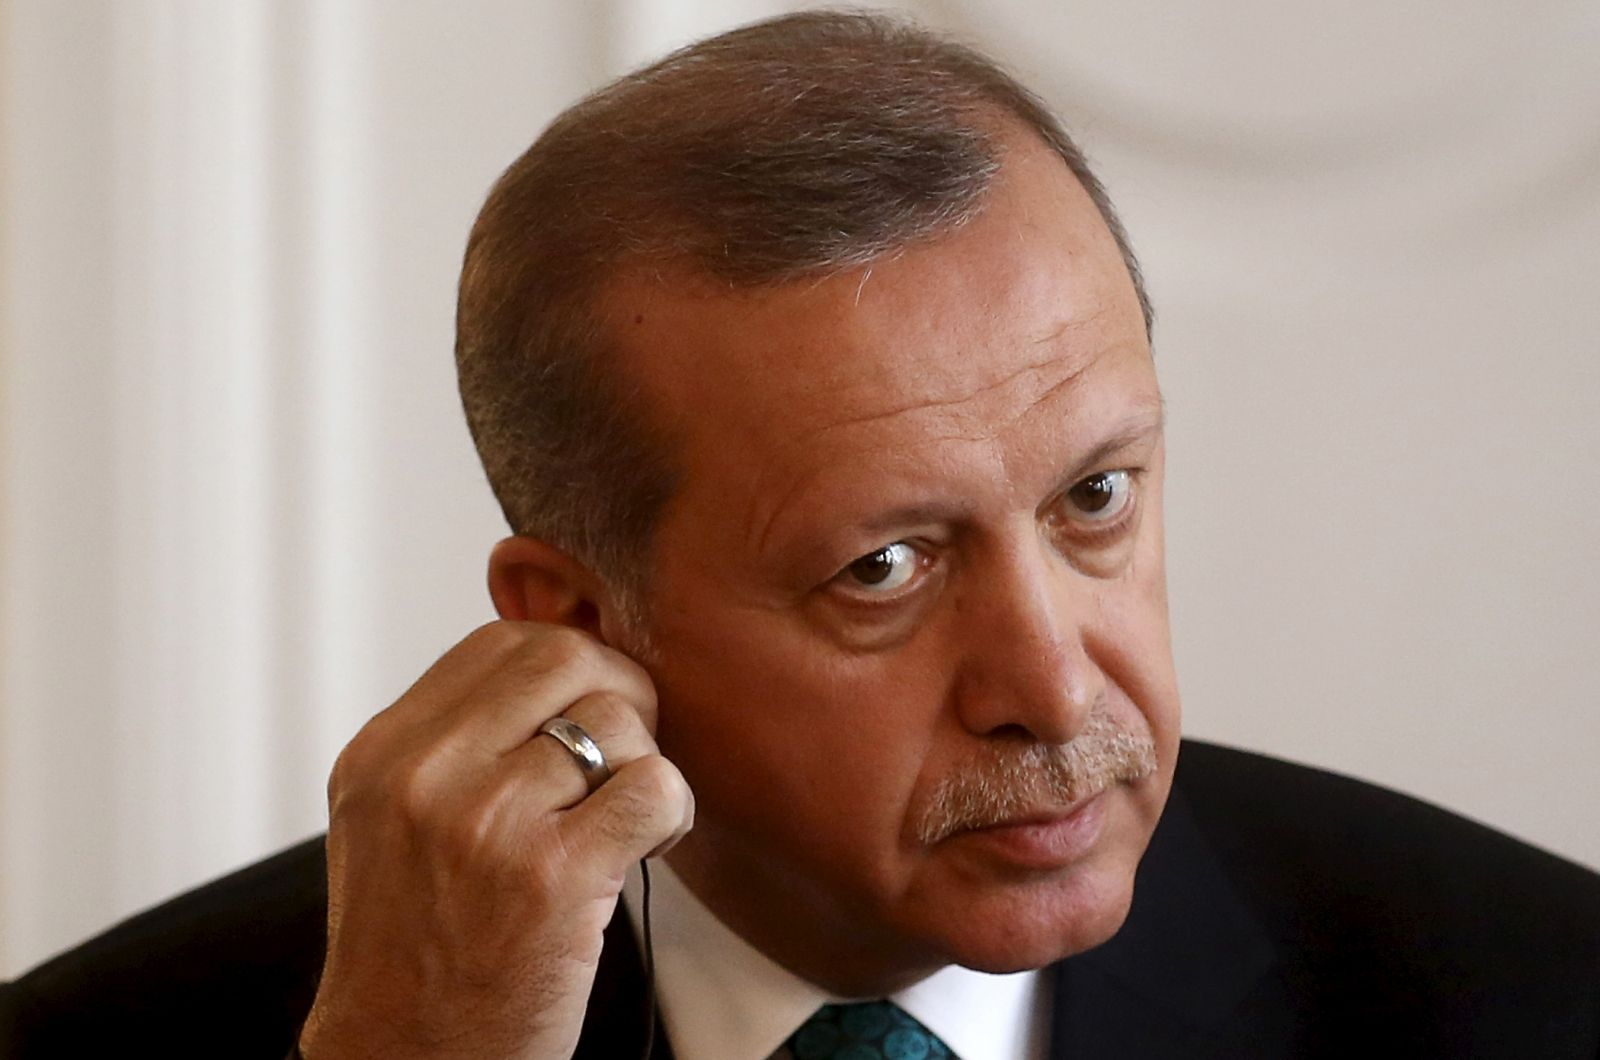 Turkey's Erdogan threatens press